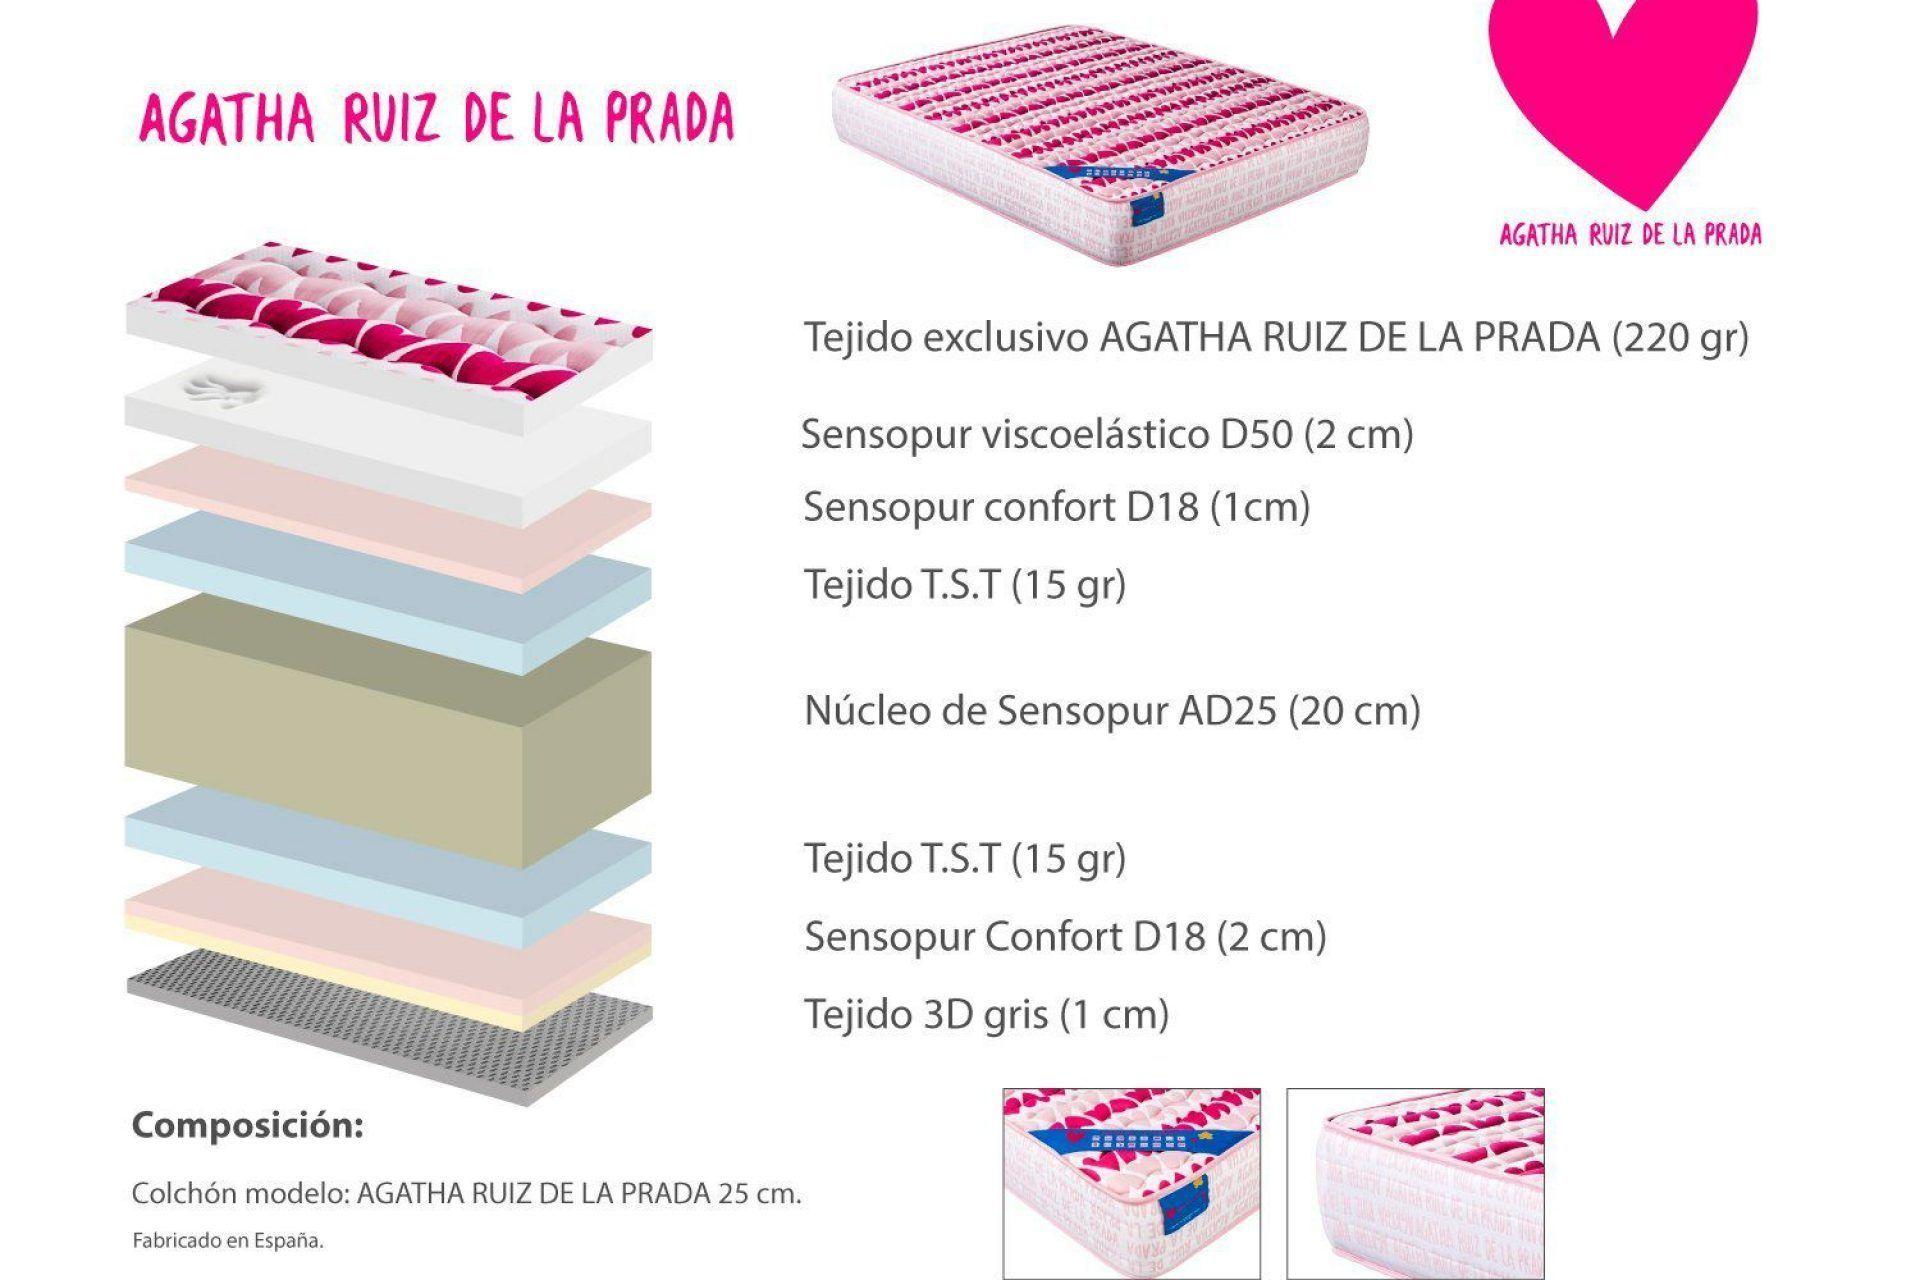 agatha-ruiz-de-la-prada-190x180x25_7